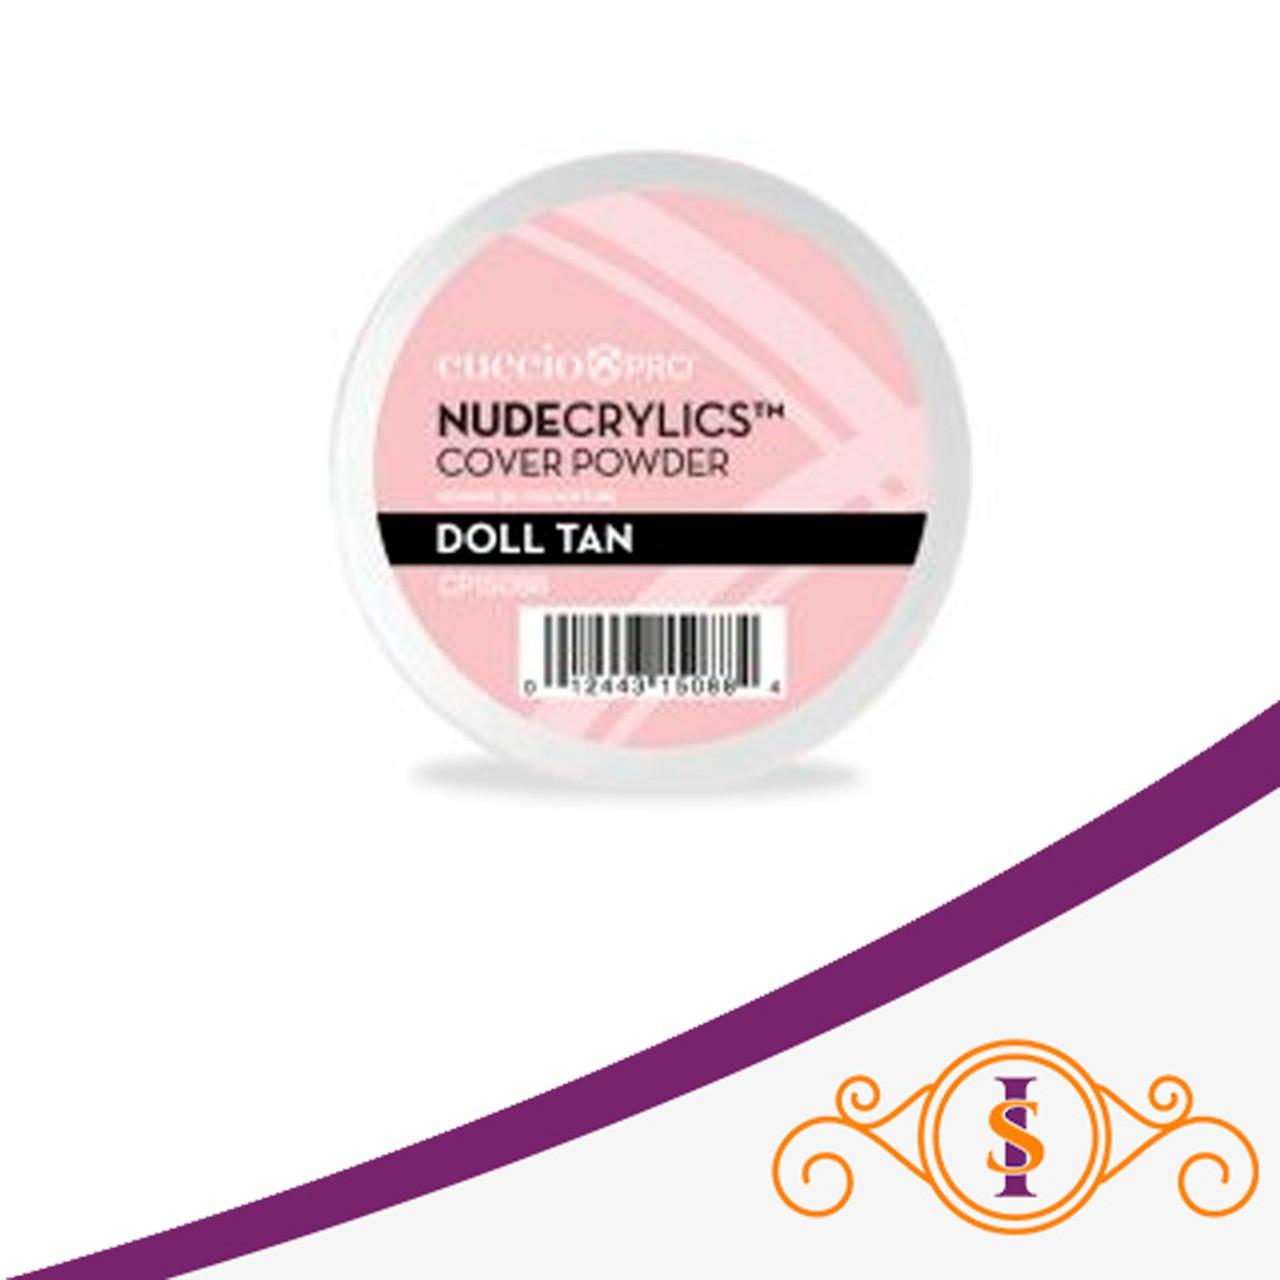 Pó Acrílico Powder Nudecrylic - Doll Tan 45g